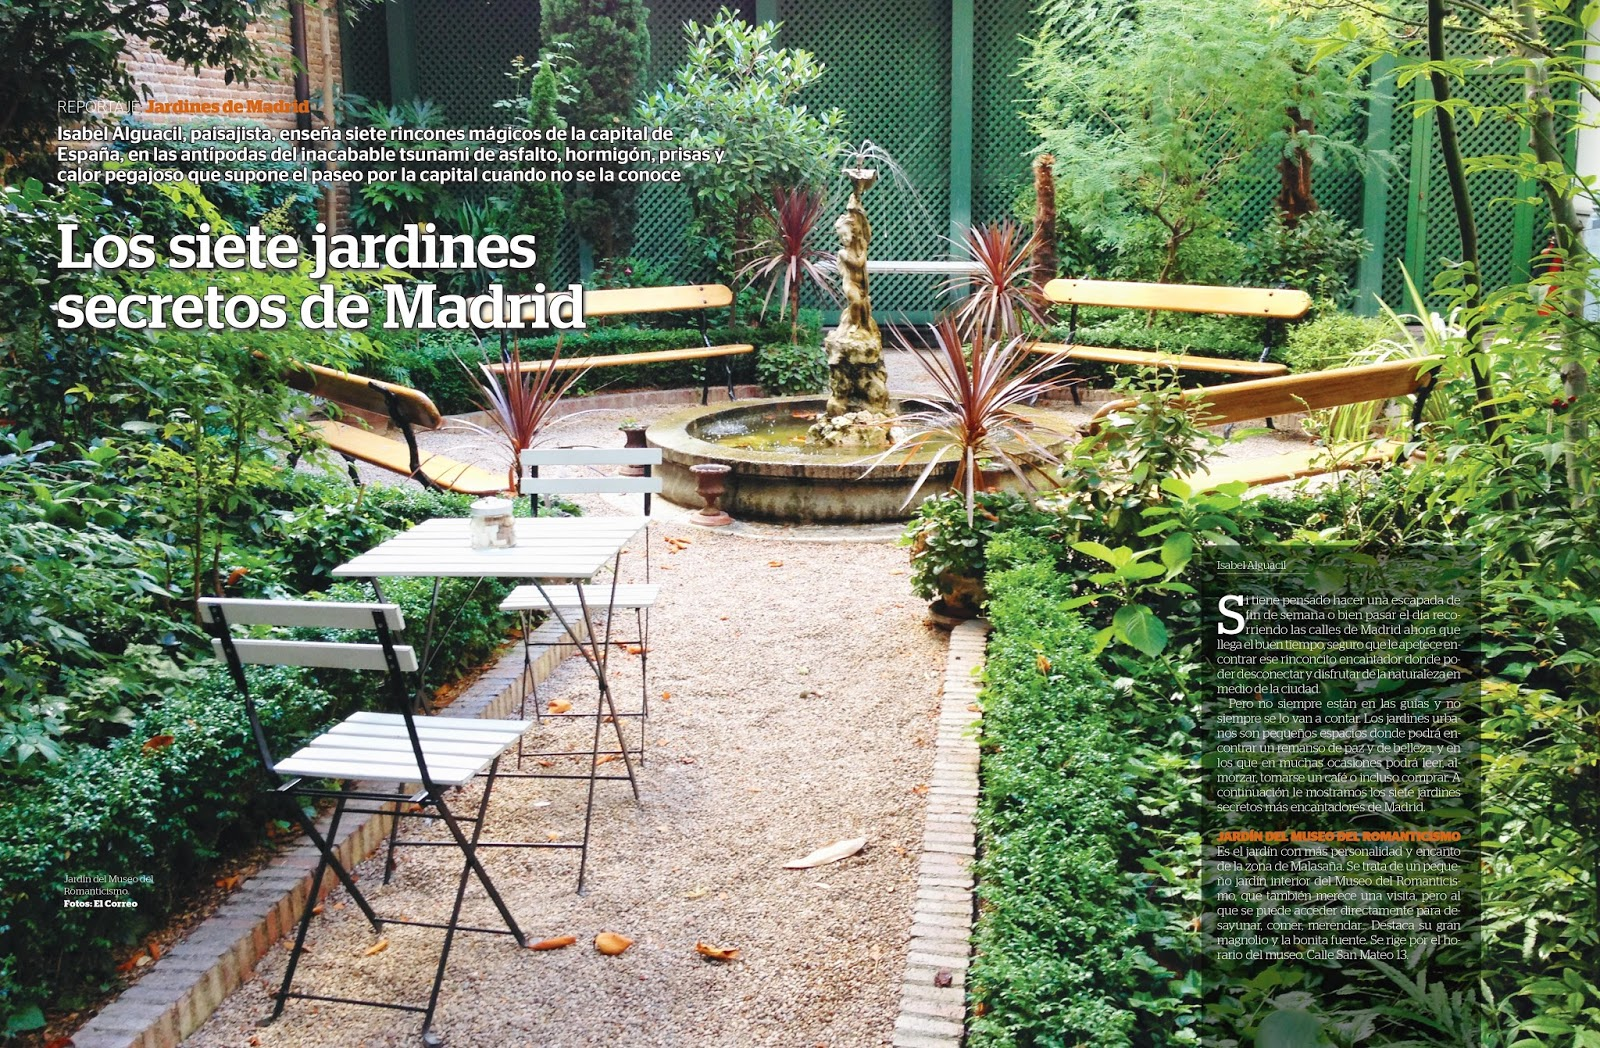 Mis jardines secretos de madrid paisaje libre for El jardin de los secretos